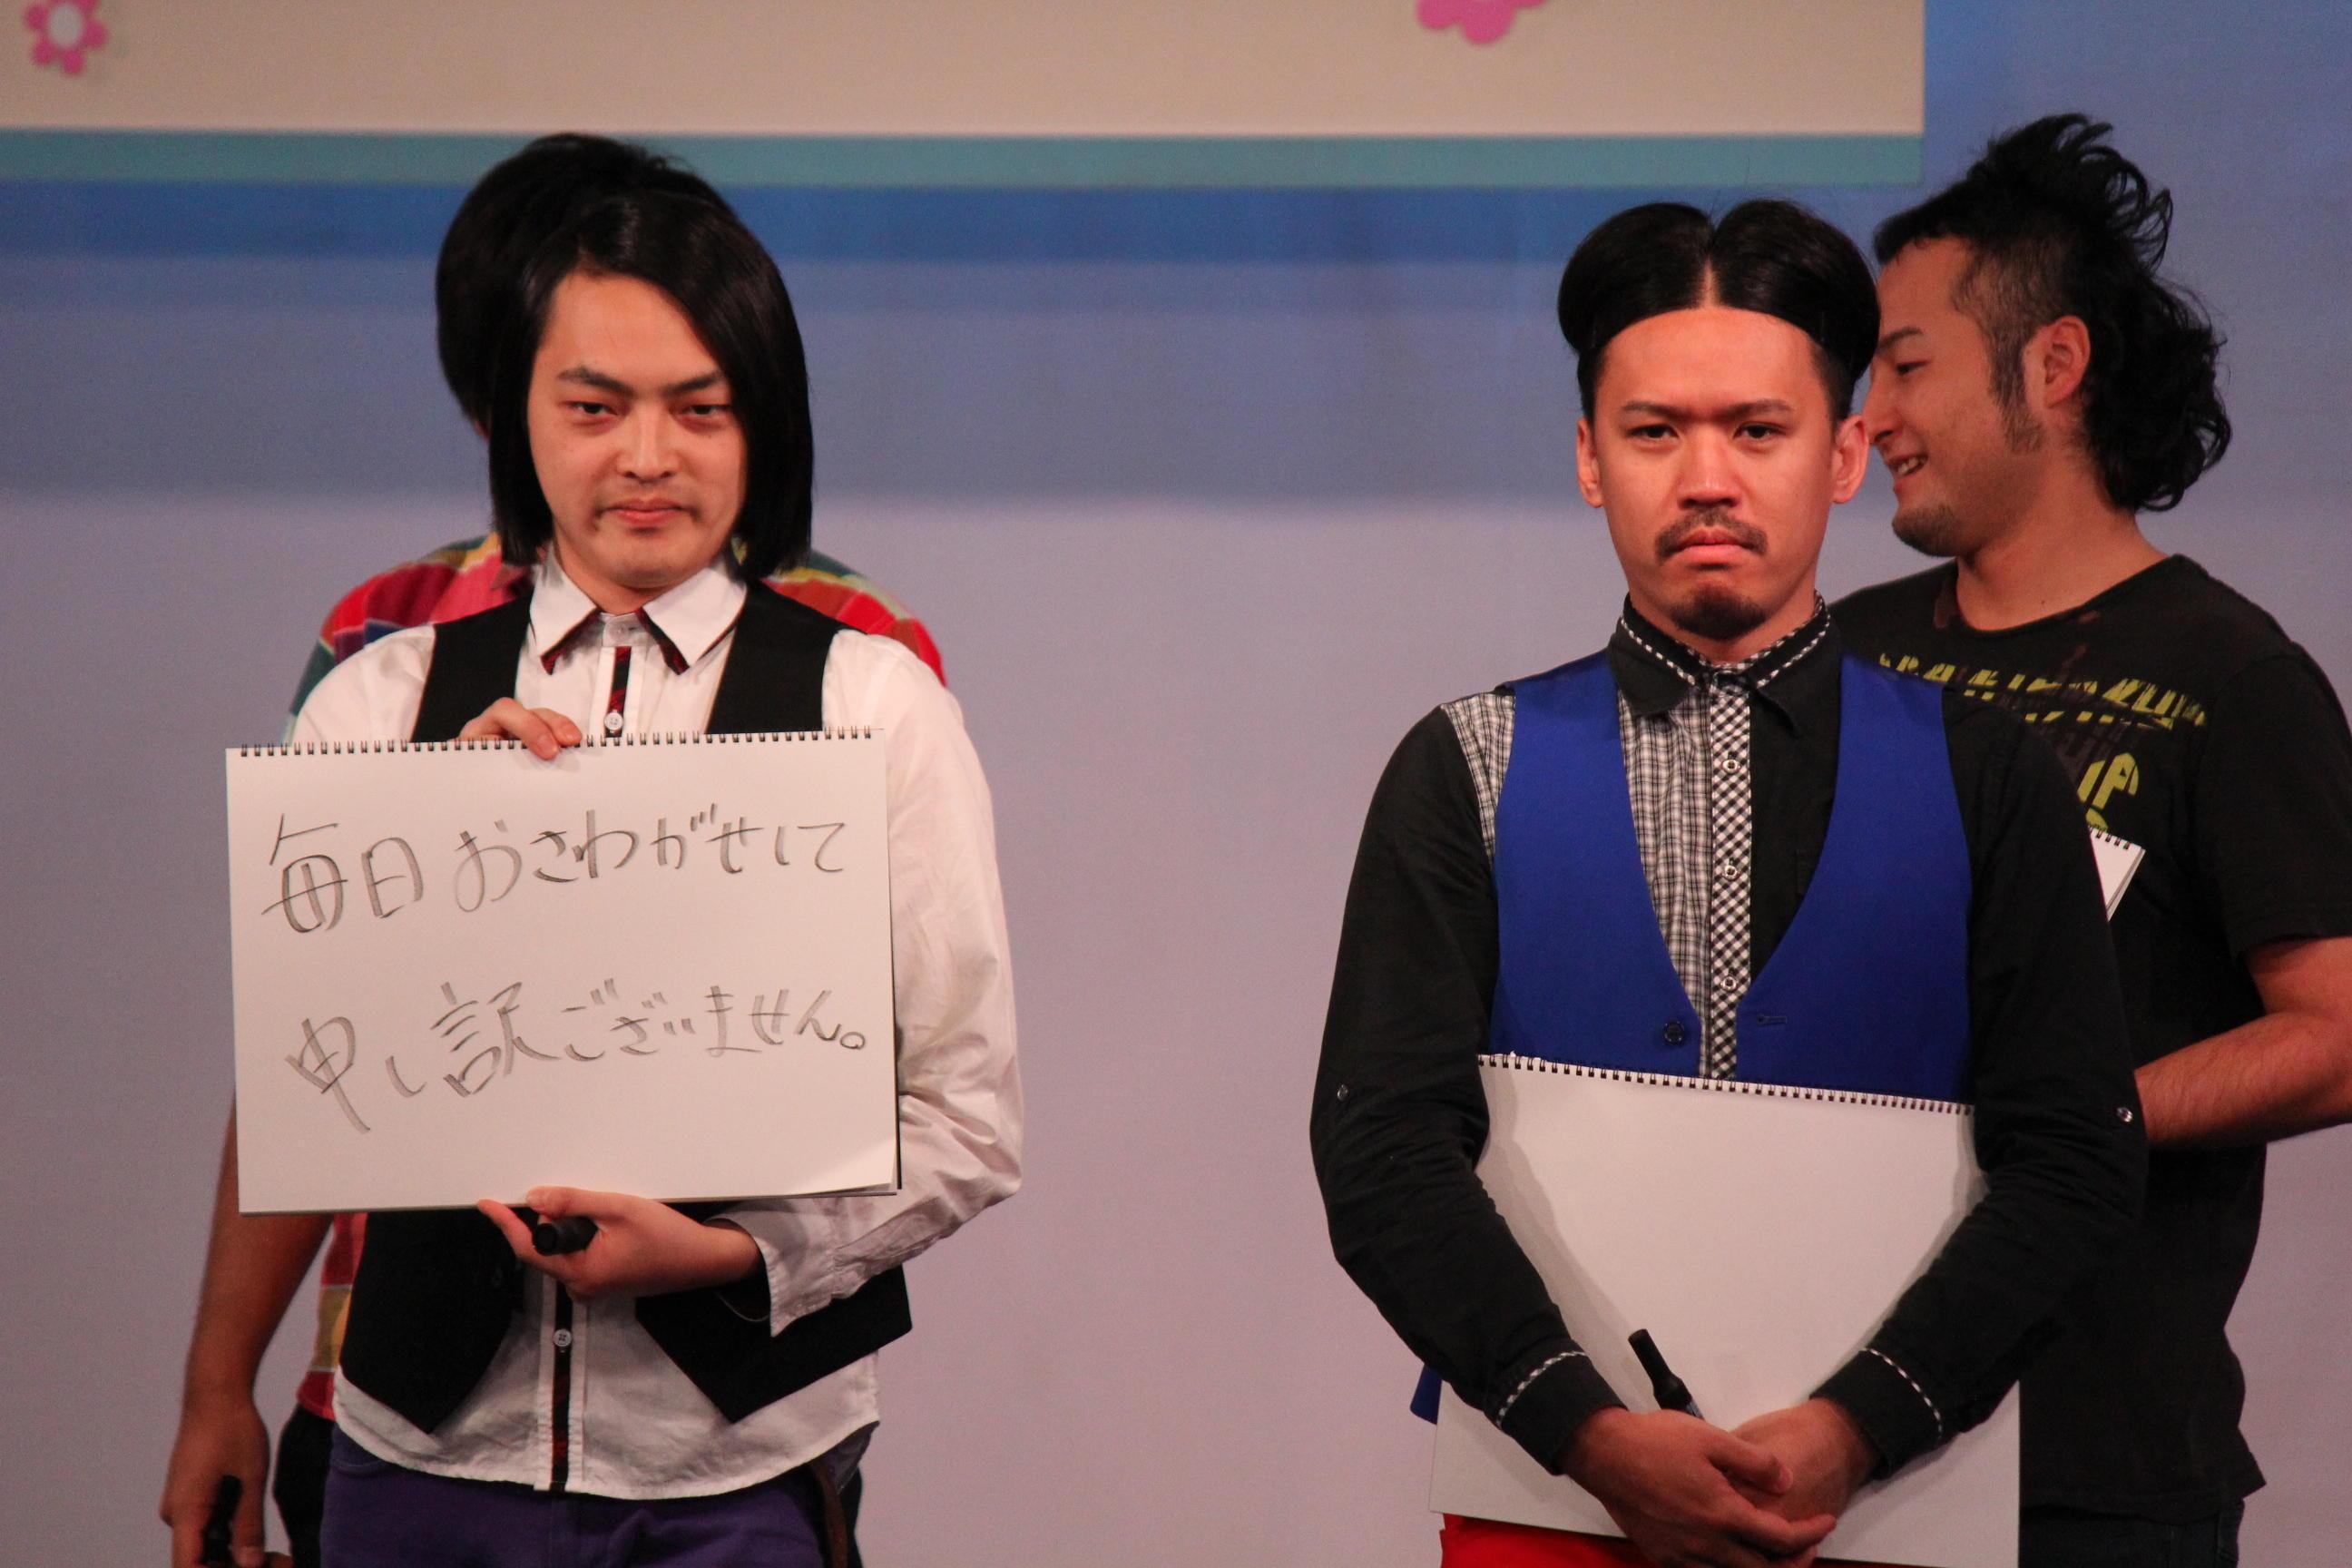 http://news.yoshimoto.co.jp/20151127174909-51221d9f2b7a6d03130b957c24cacc16ddd30985.jpg